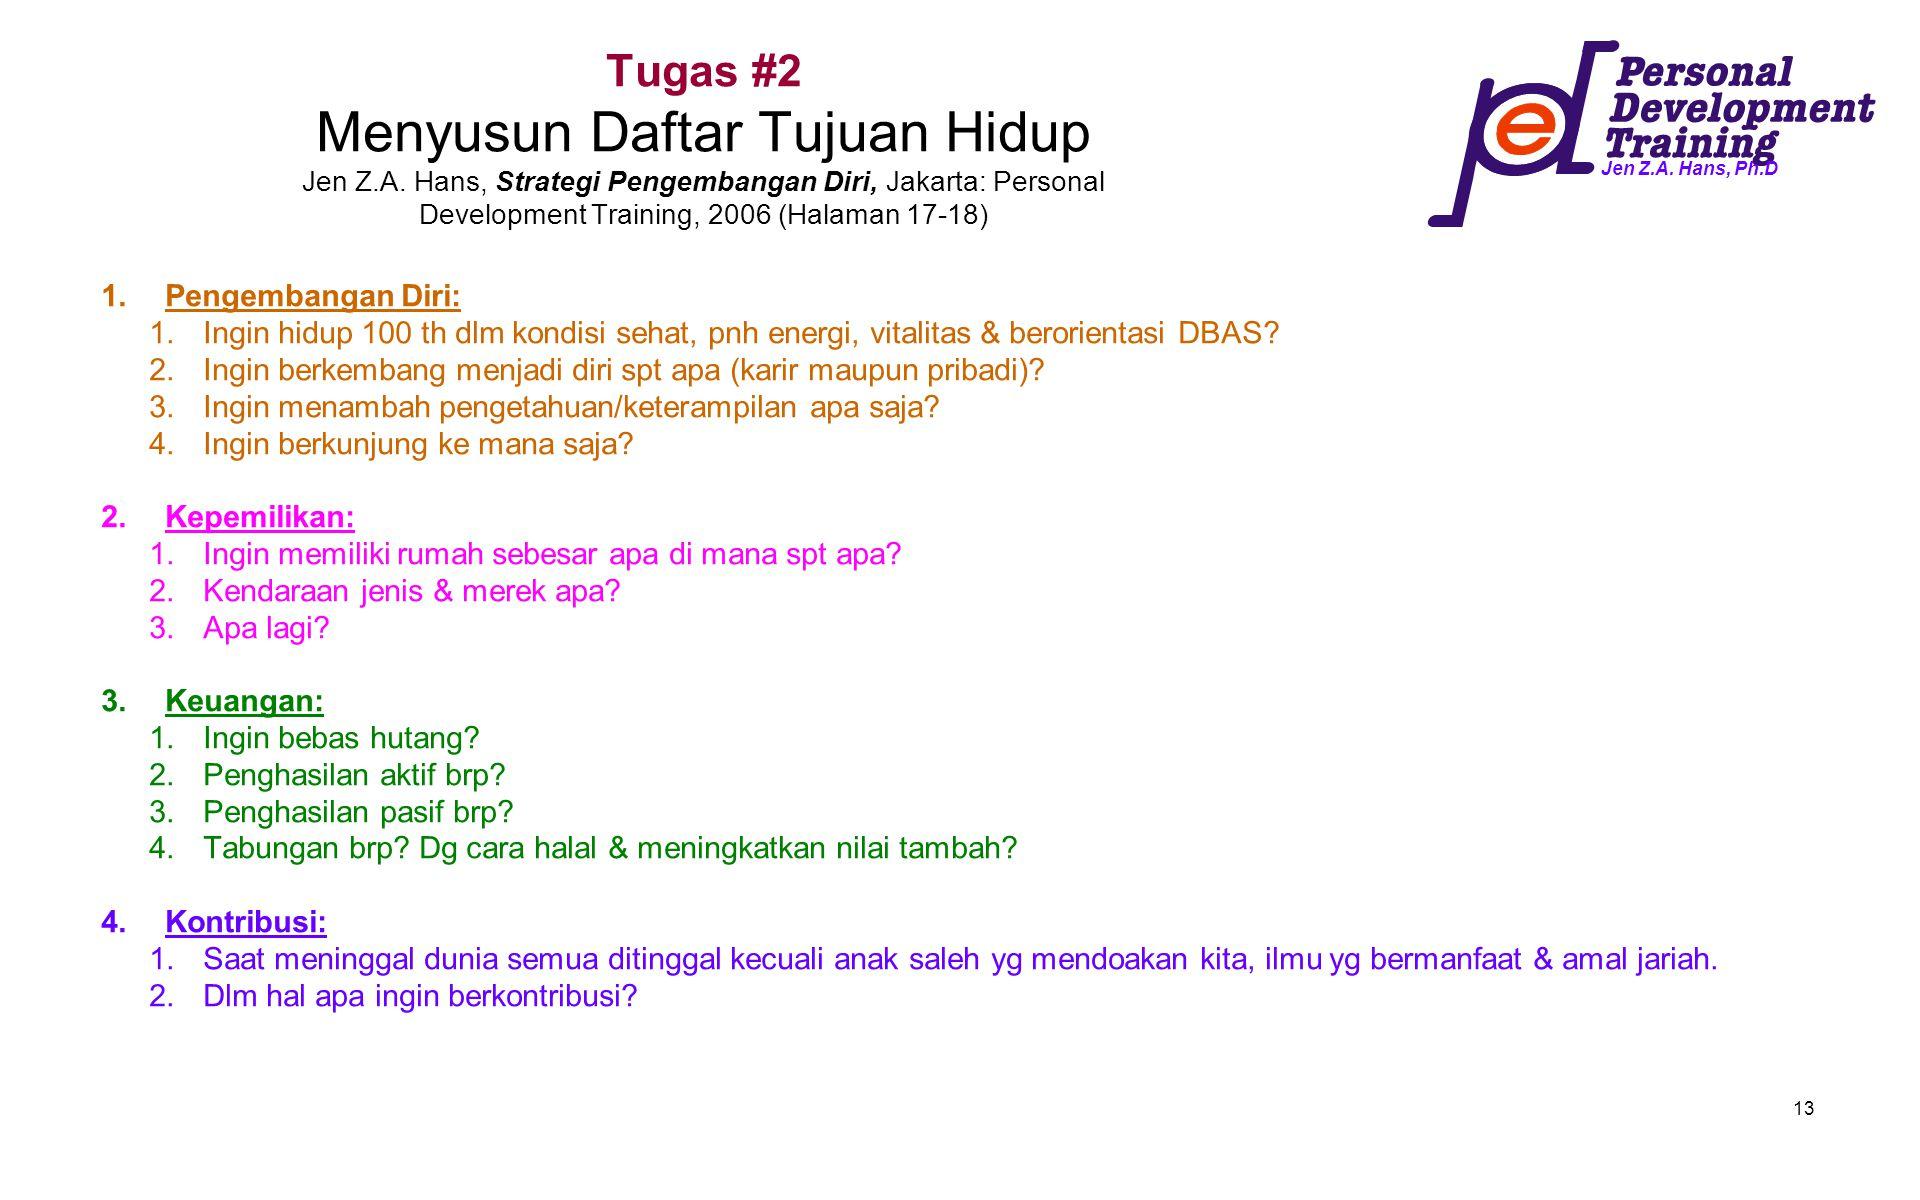 Jen Z.A. Hans, Ph.D 13 Tugas #2 Menyusun Daftar Tujuan Hidup Jen Z.A. Hans, Strategi Pengembangan Diri, Jakarta: Personal Development Training, 2006 (